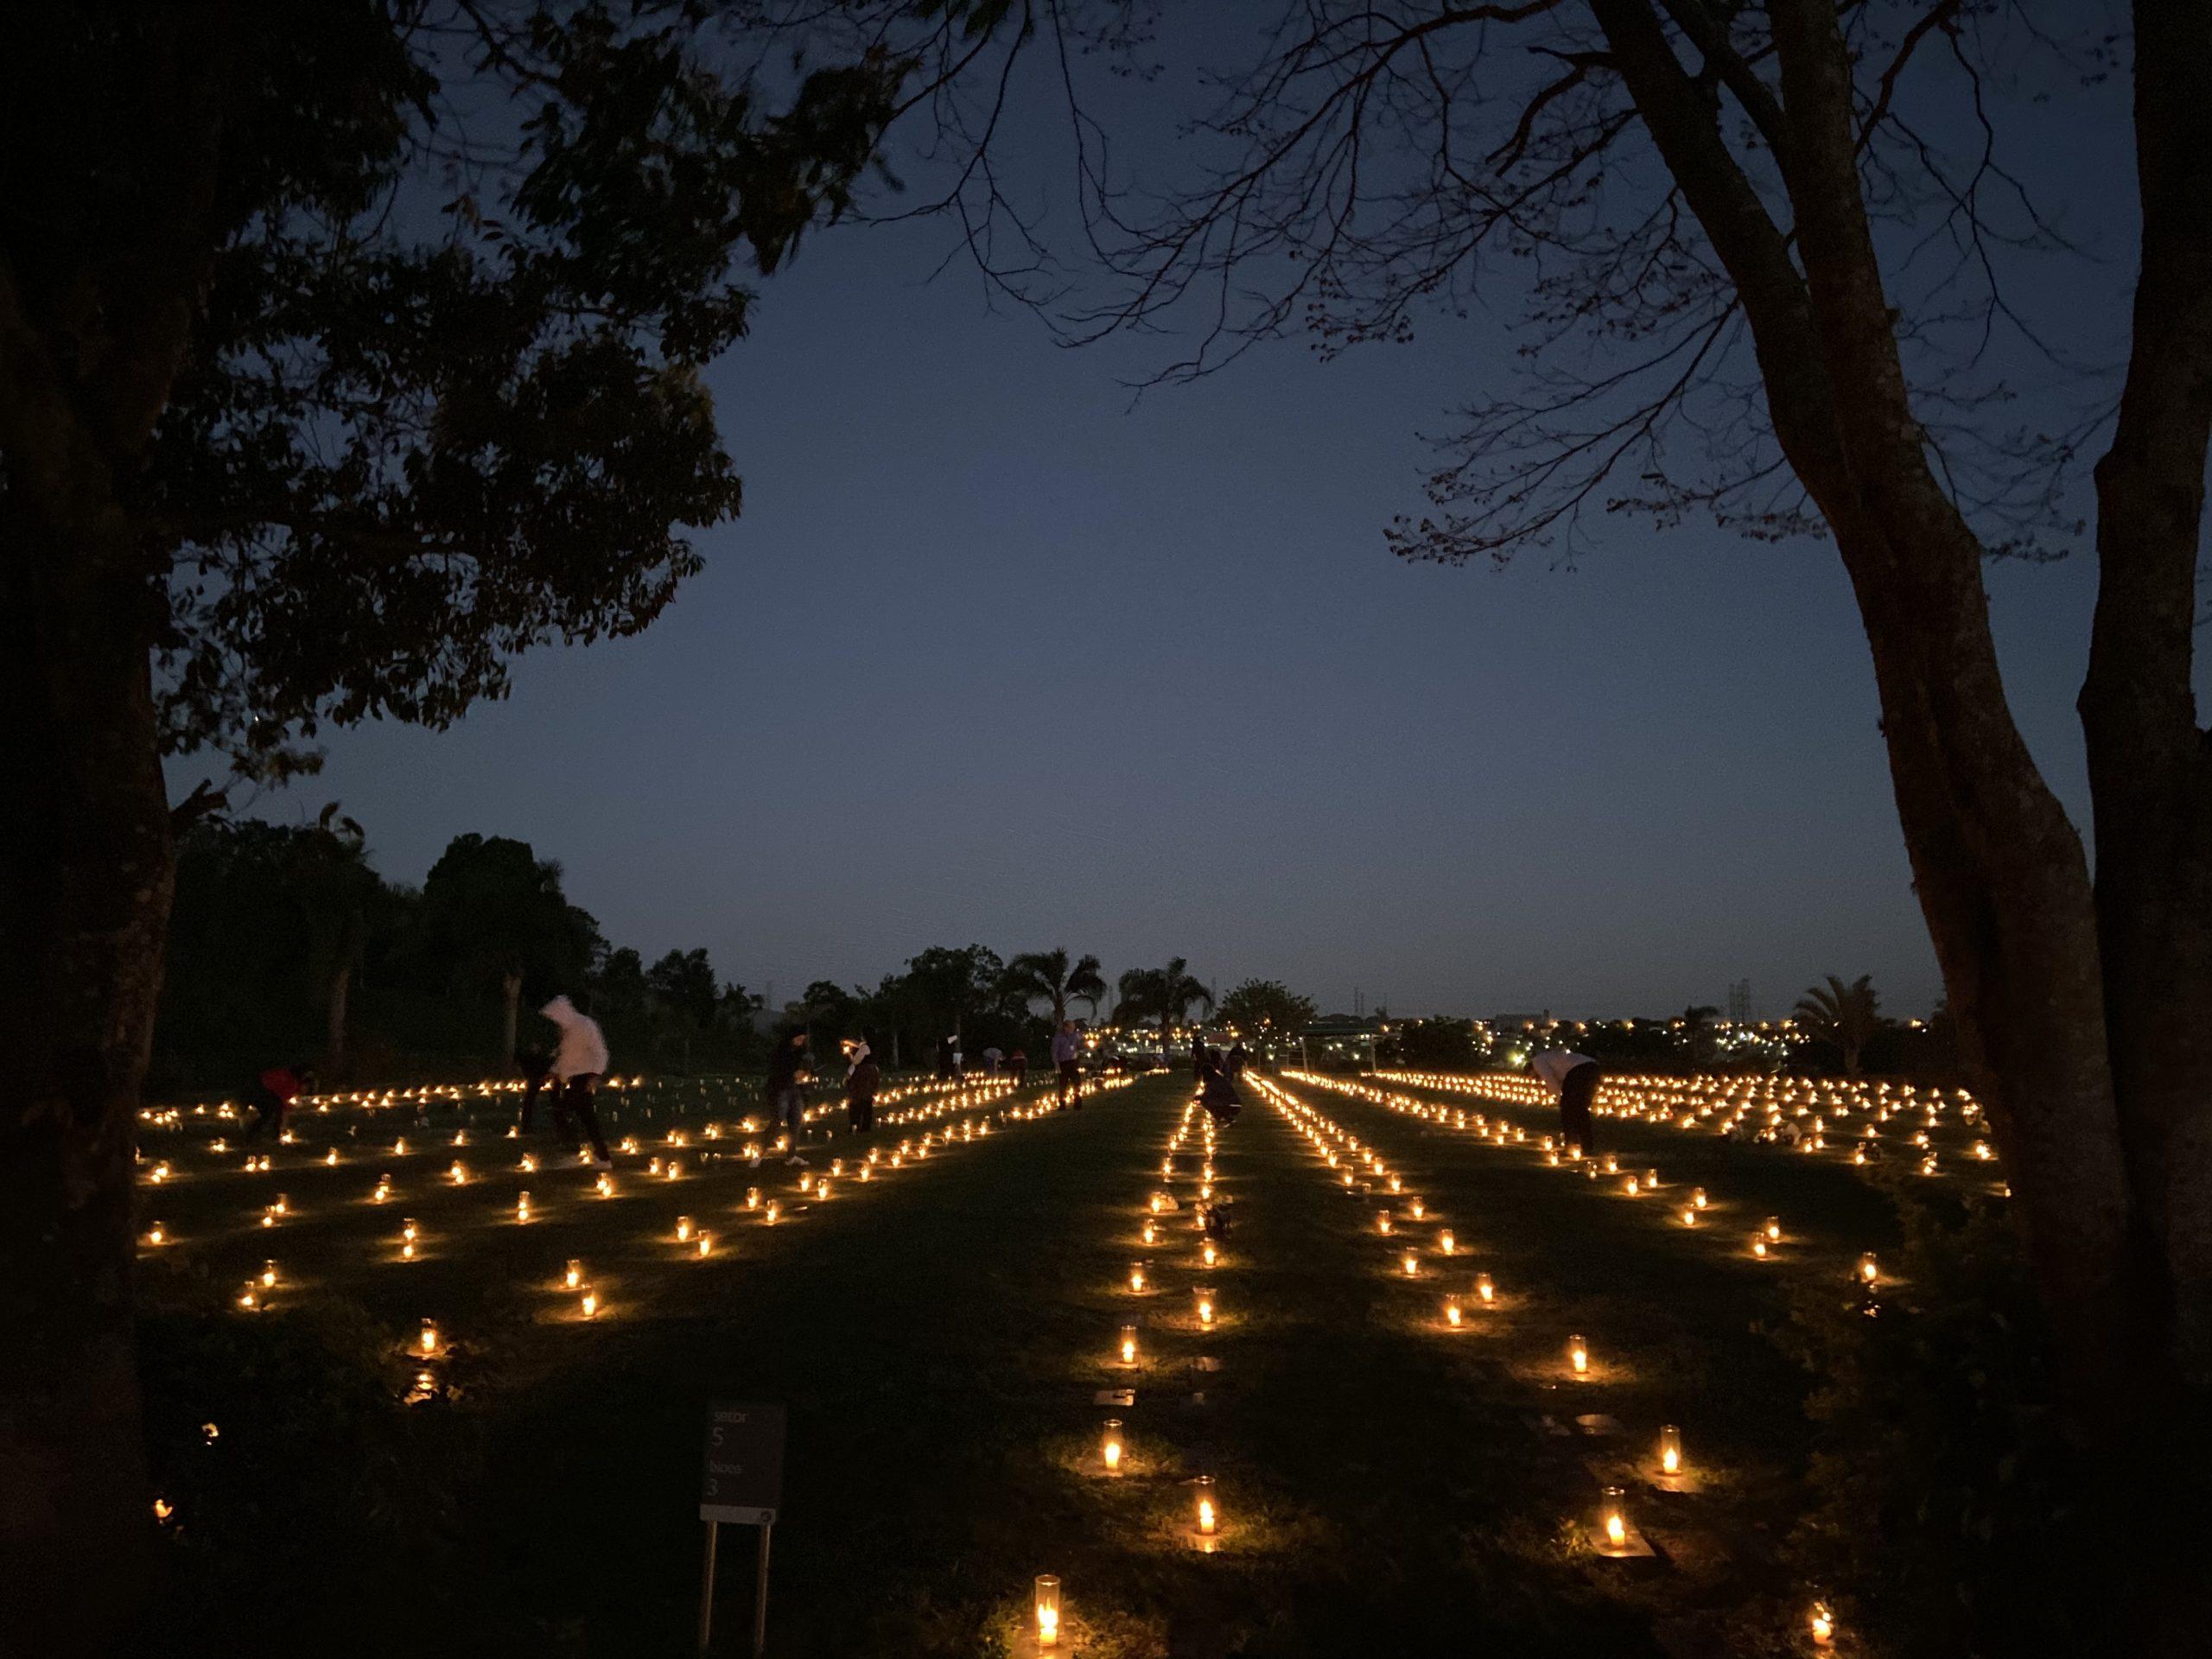 Várias velas acesas à noite em um campo com as pessoas circulando por ele.